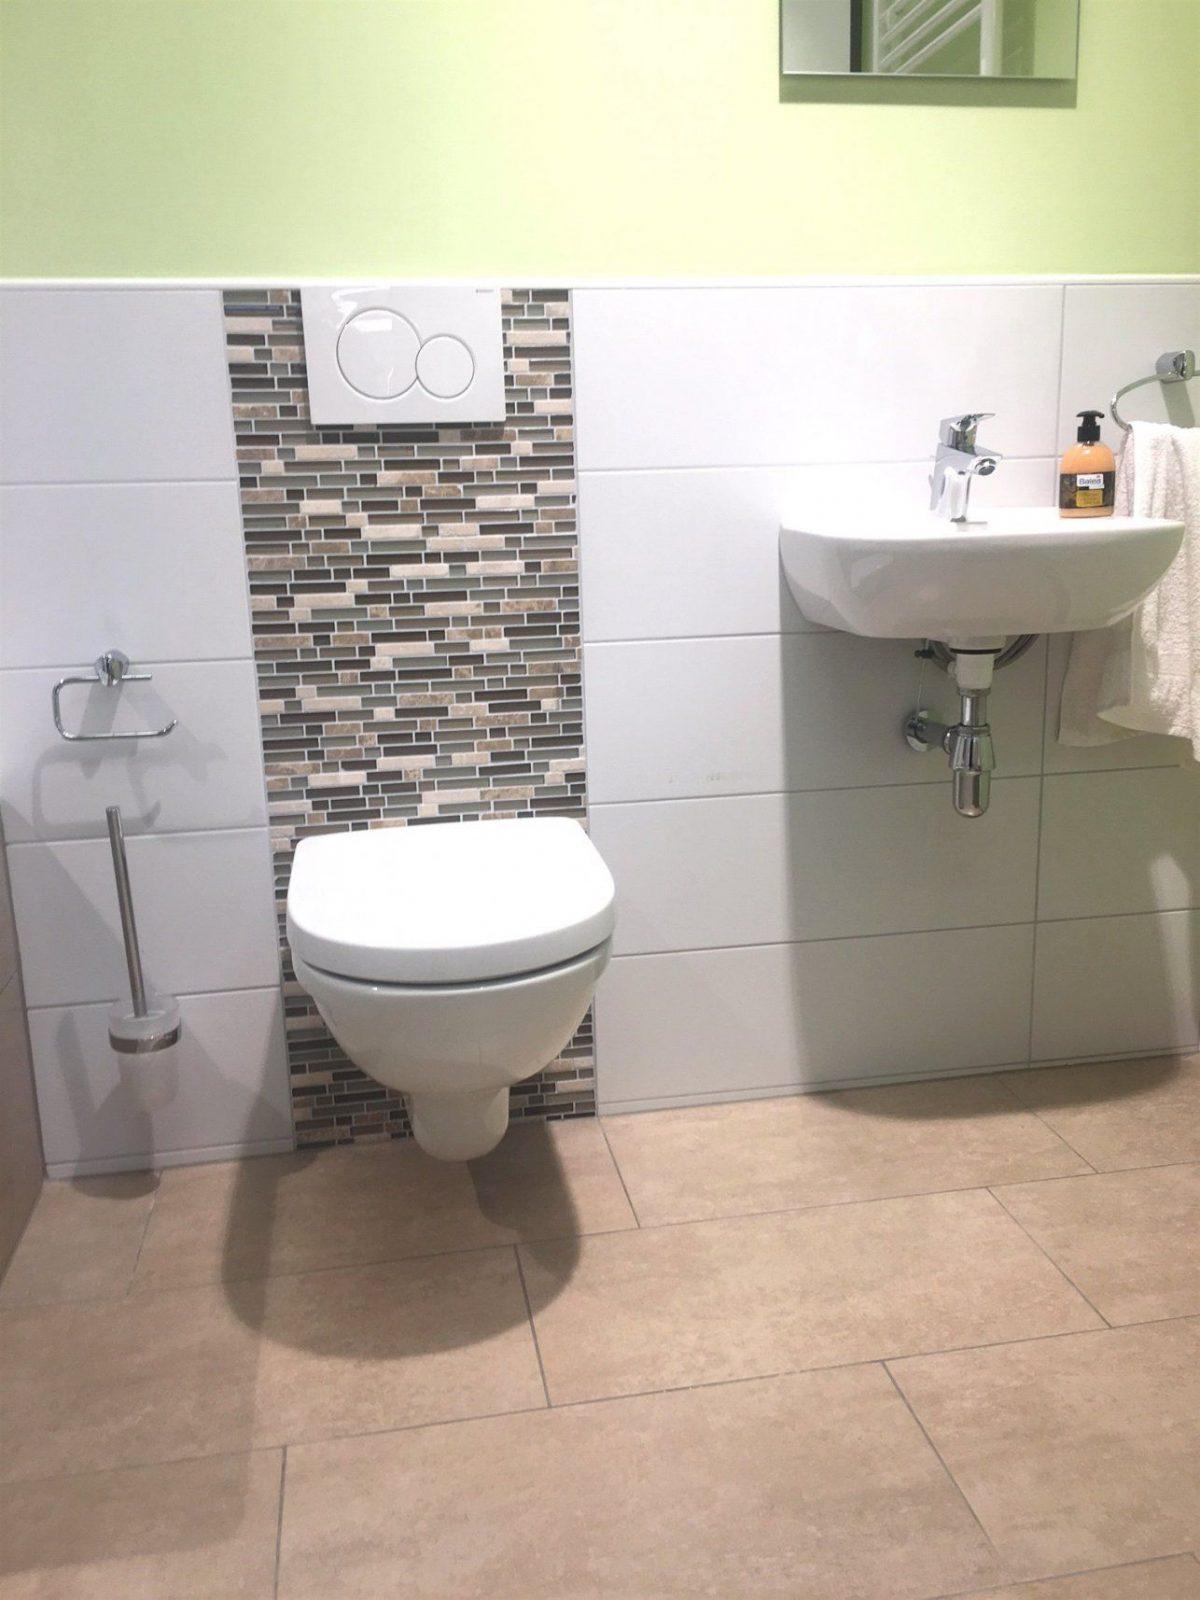 glasmosaik fliesen braun beige g ste wc herrlich on mit ansprechend von deko ideen g ste wc bild. Black Bedroom Furniture Sets. Home Design Ideas